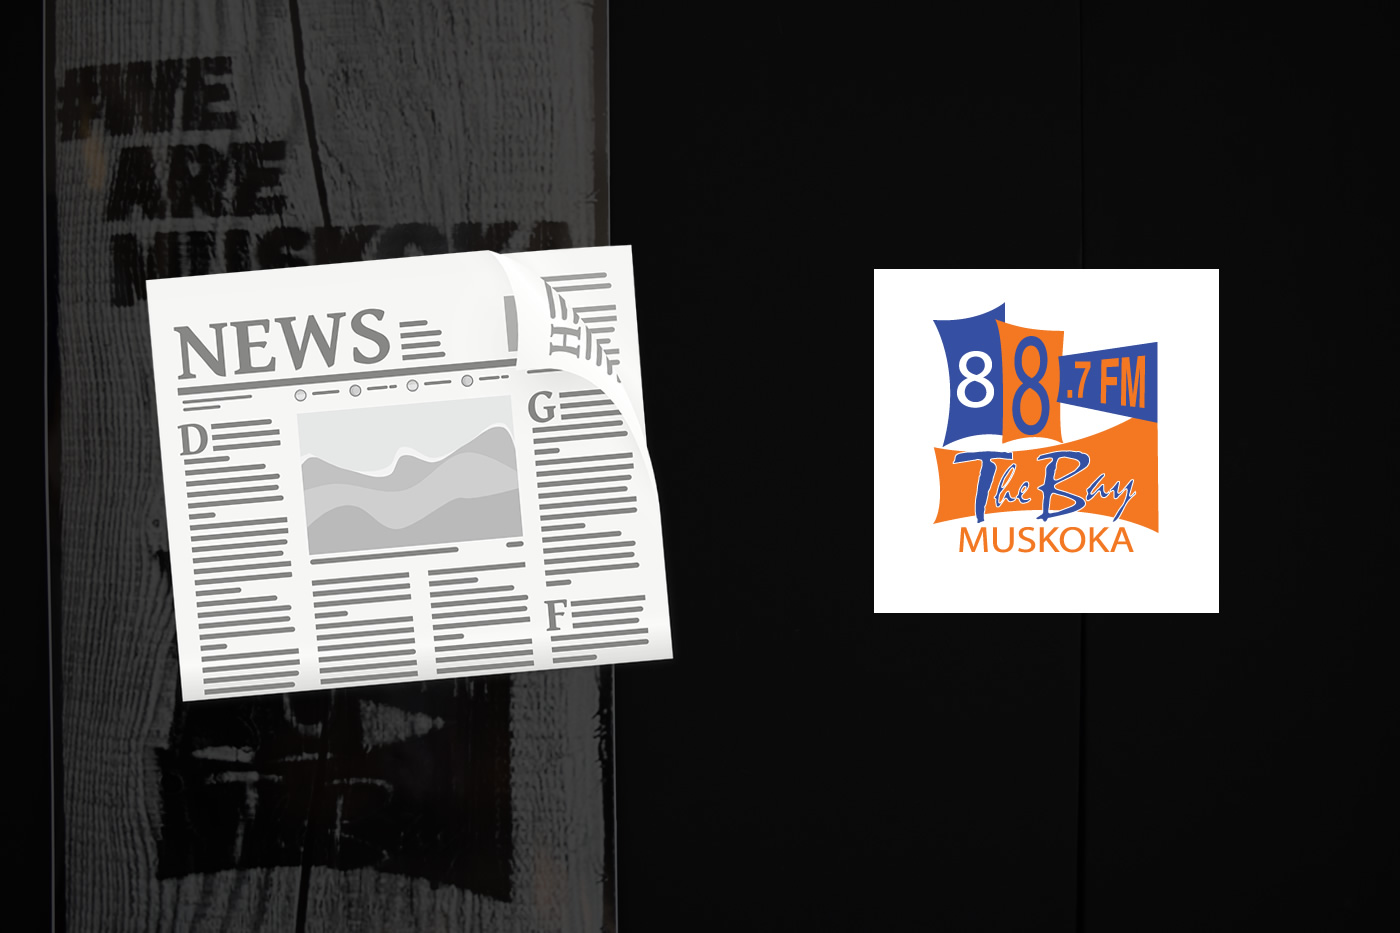 News At The BAYFM